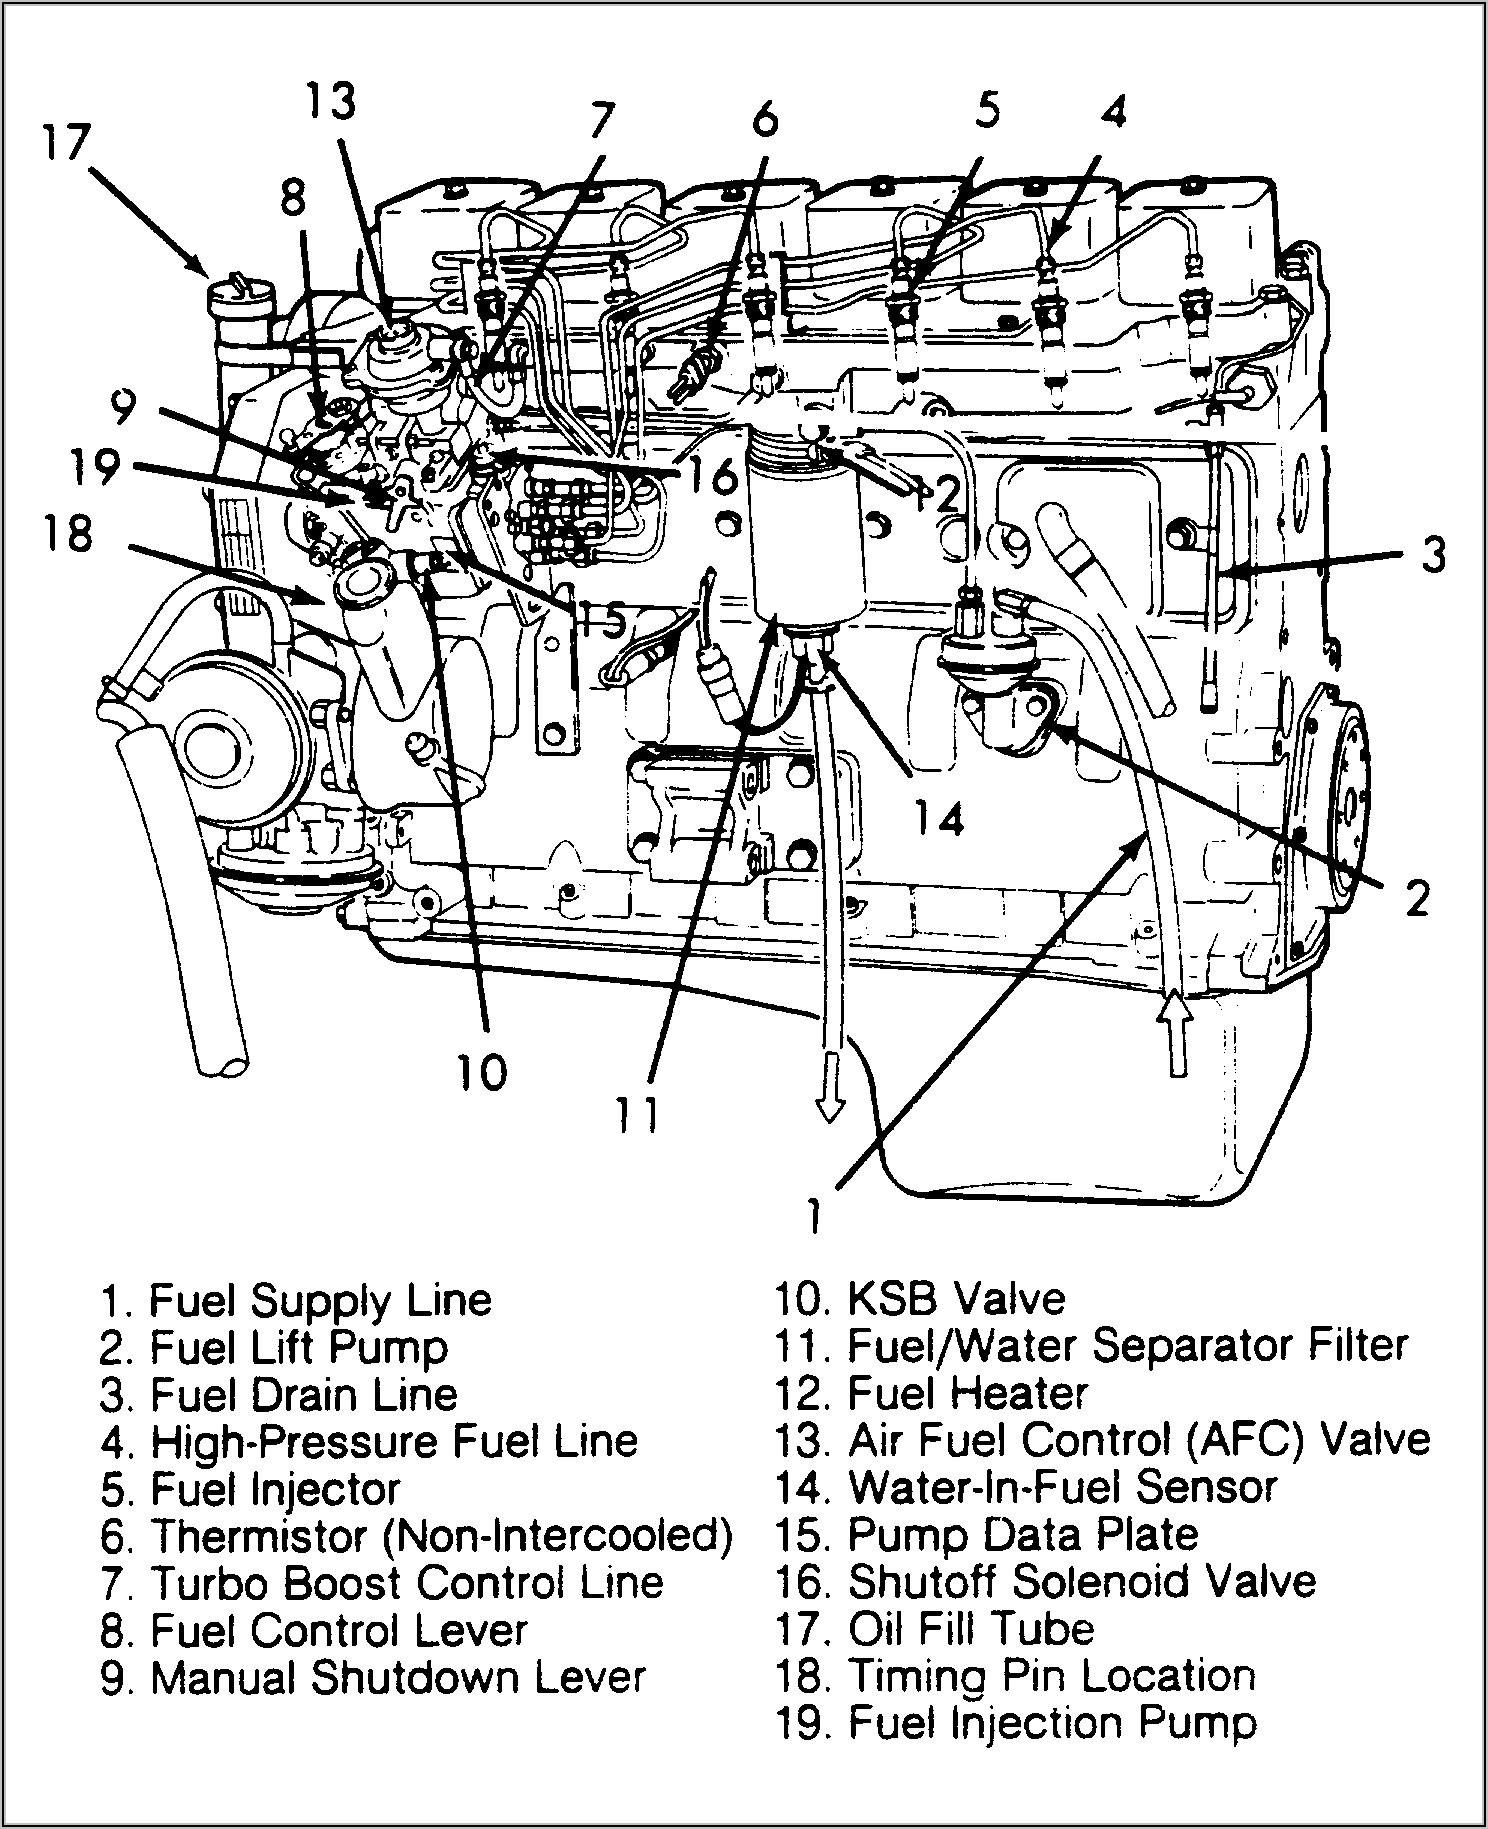 05 5.9 Cummins Fuel Line Diagram